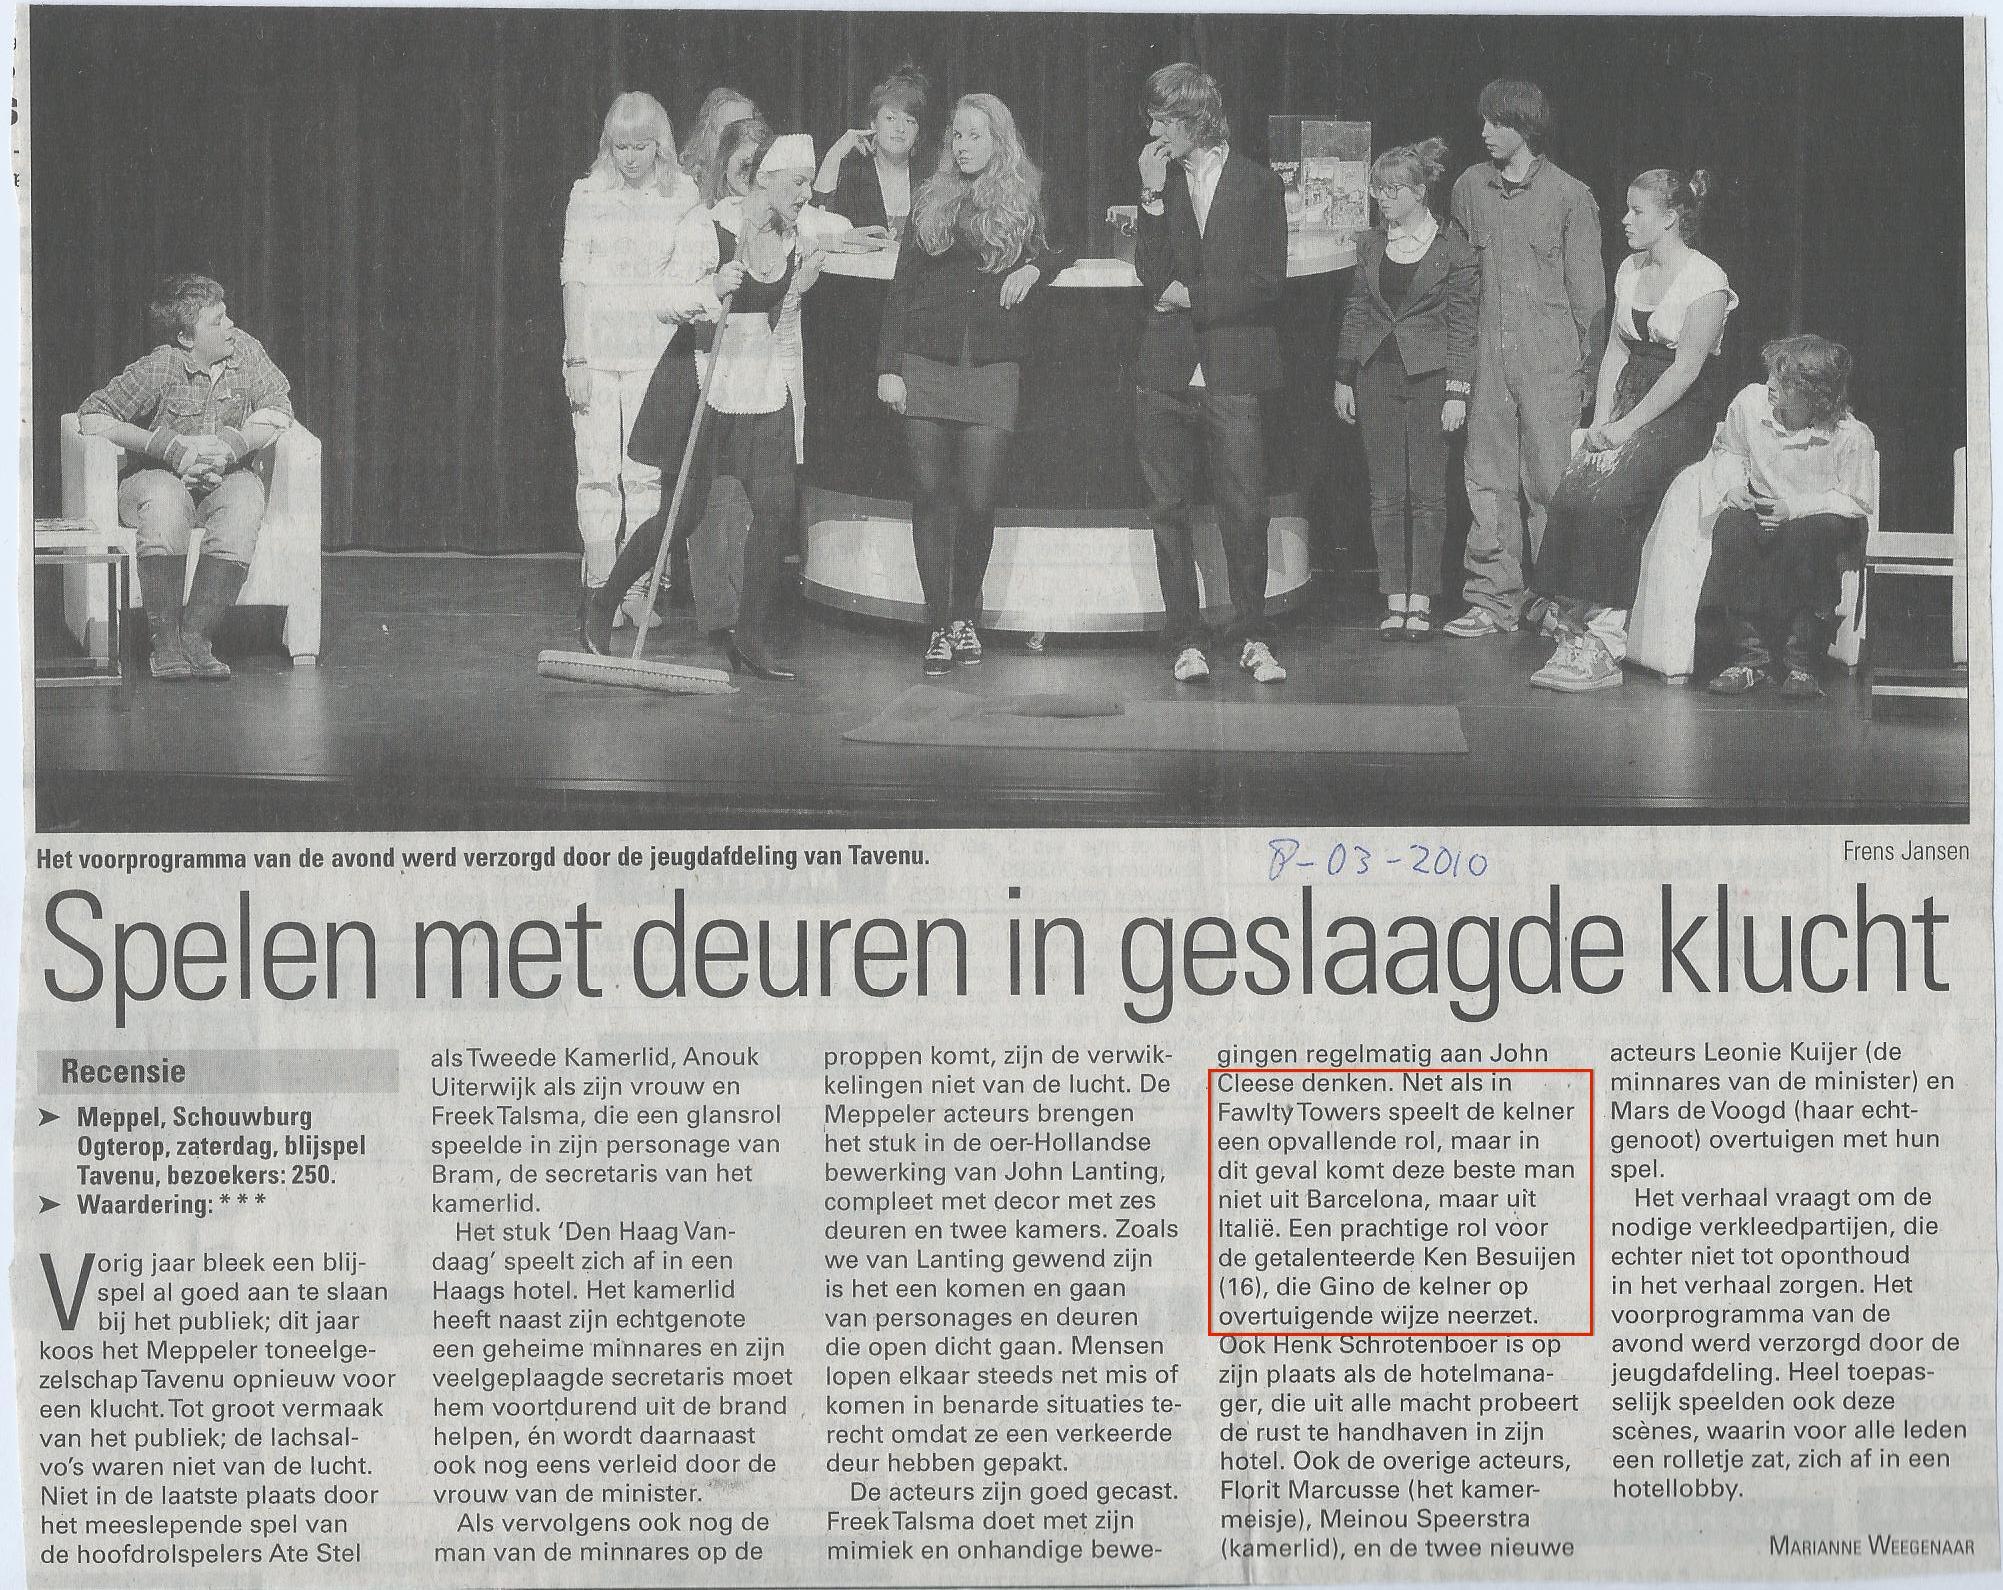 08-03-2010 Recensie Den Haag Vandaag